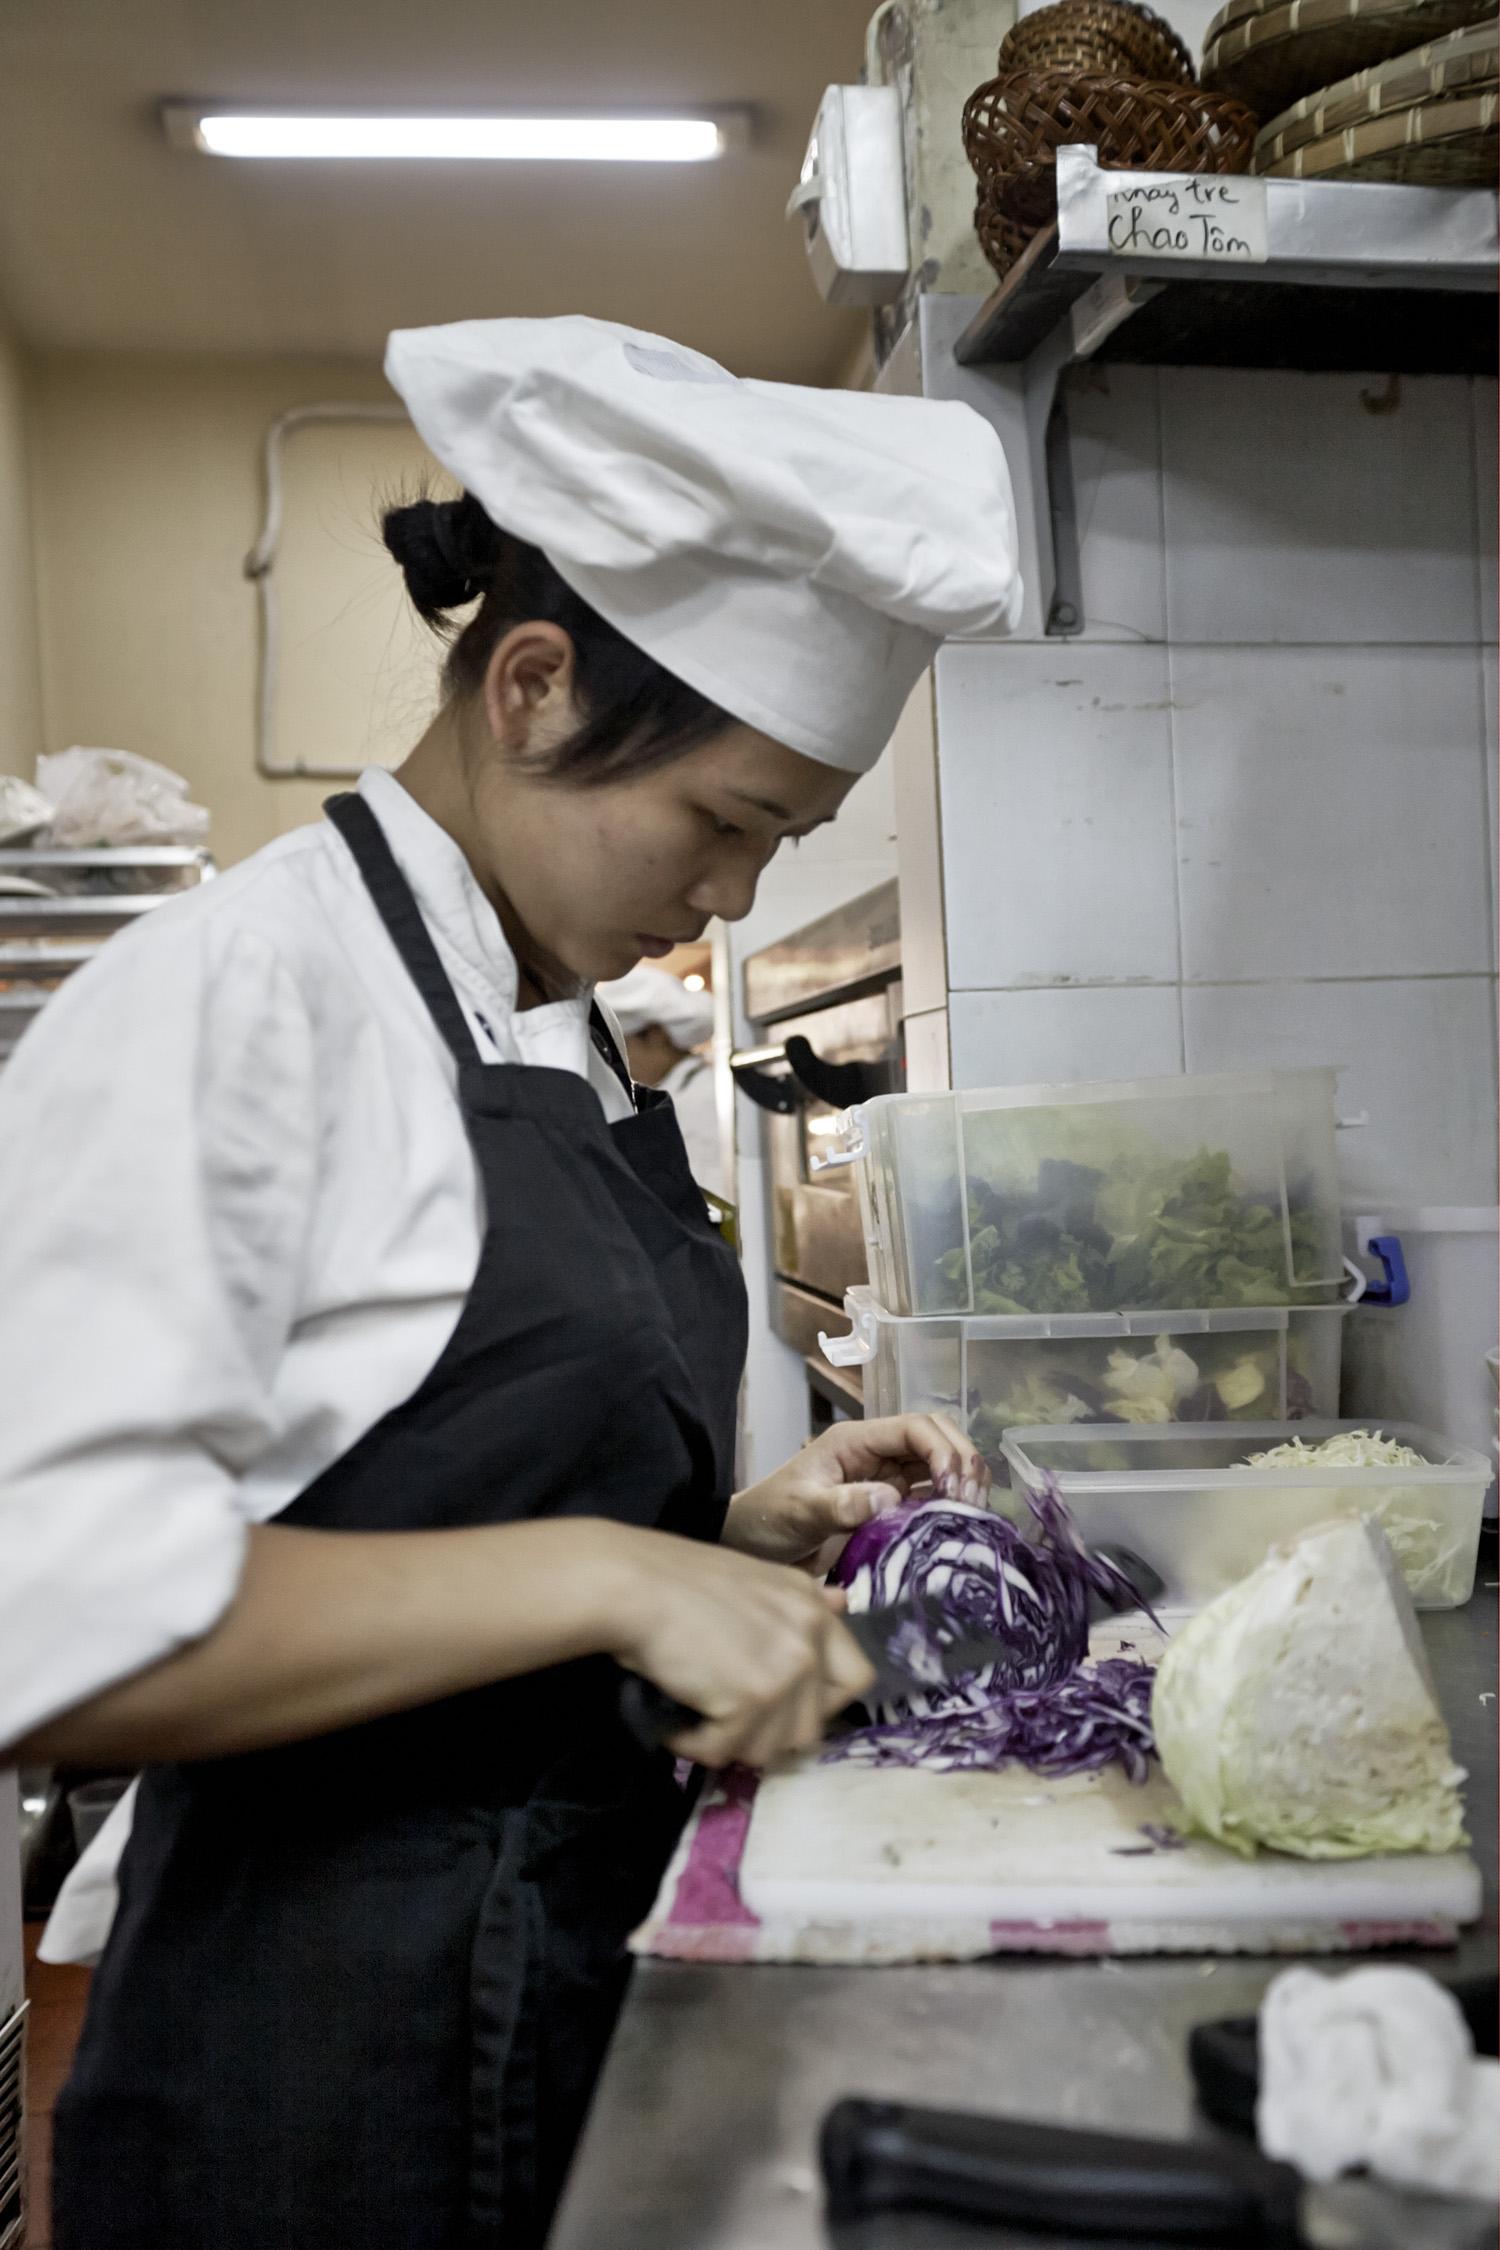 Koto Kitchen 14.5.08-000506